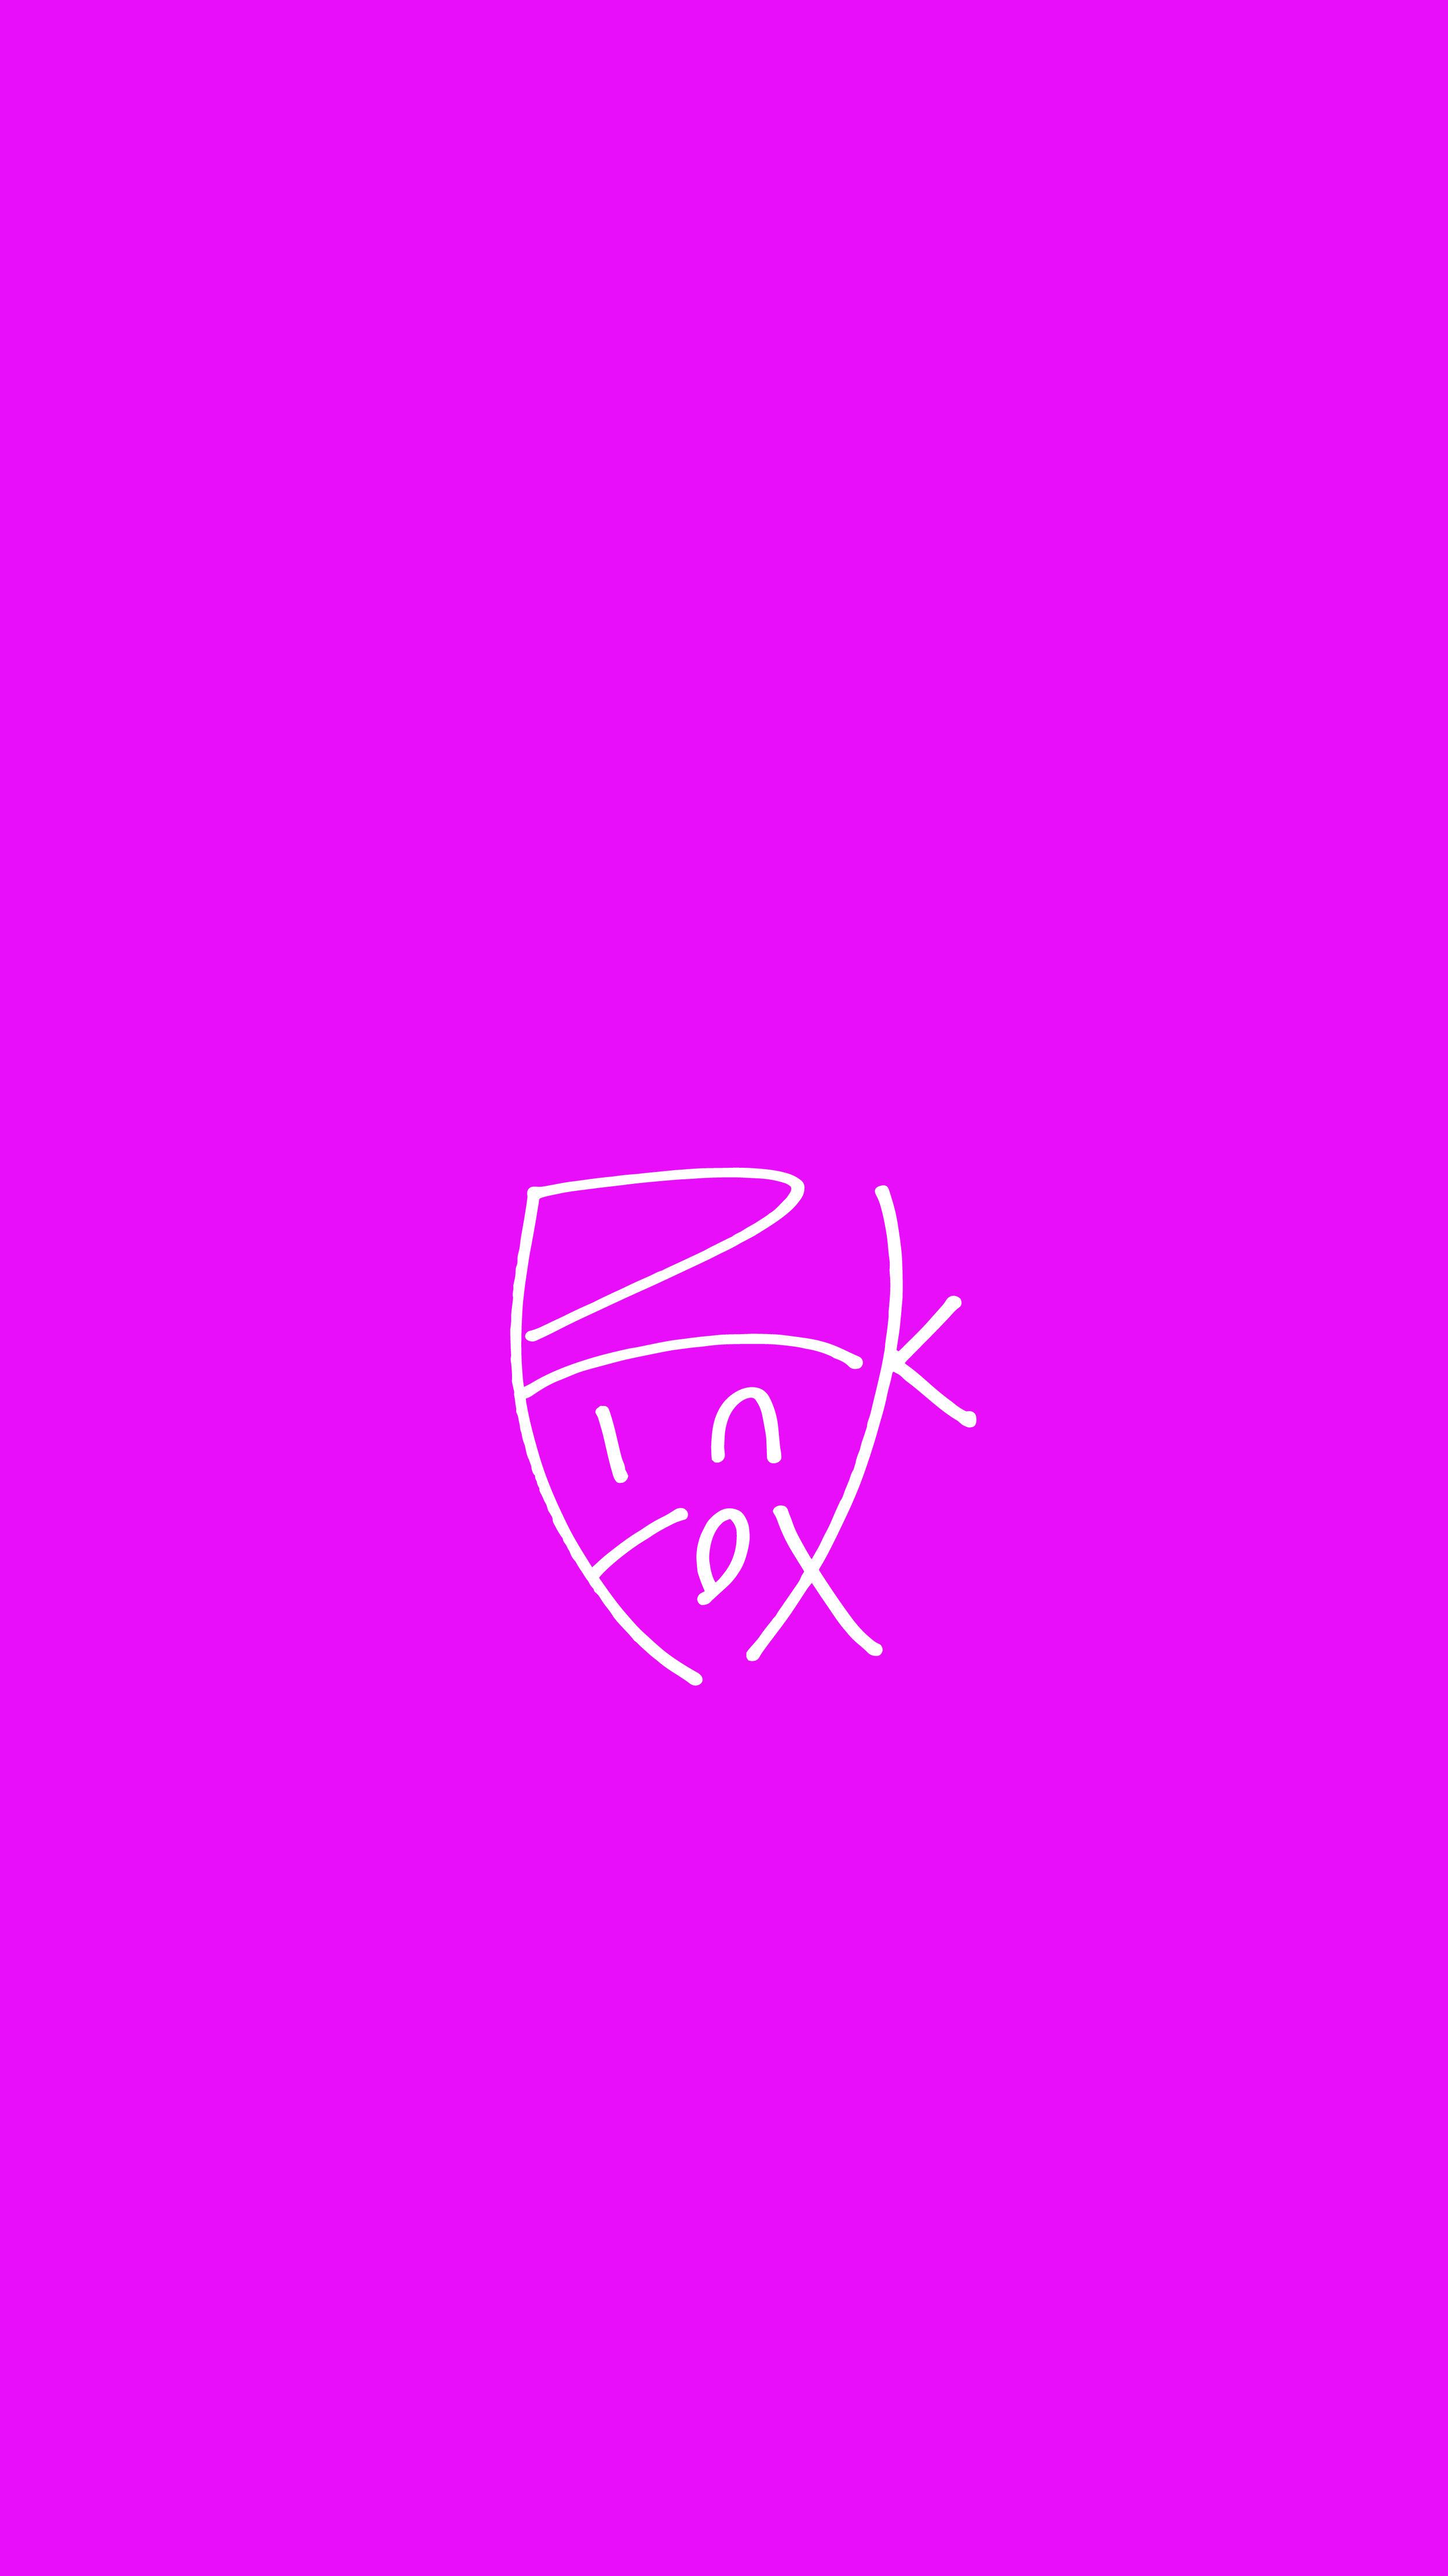 iPhone 8 BG - Basic Pink White.jpg